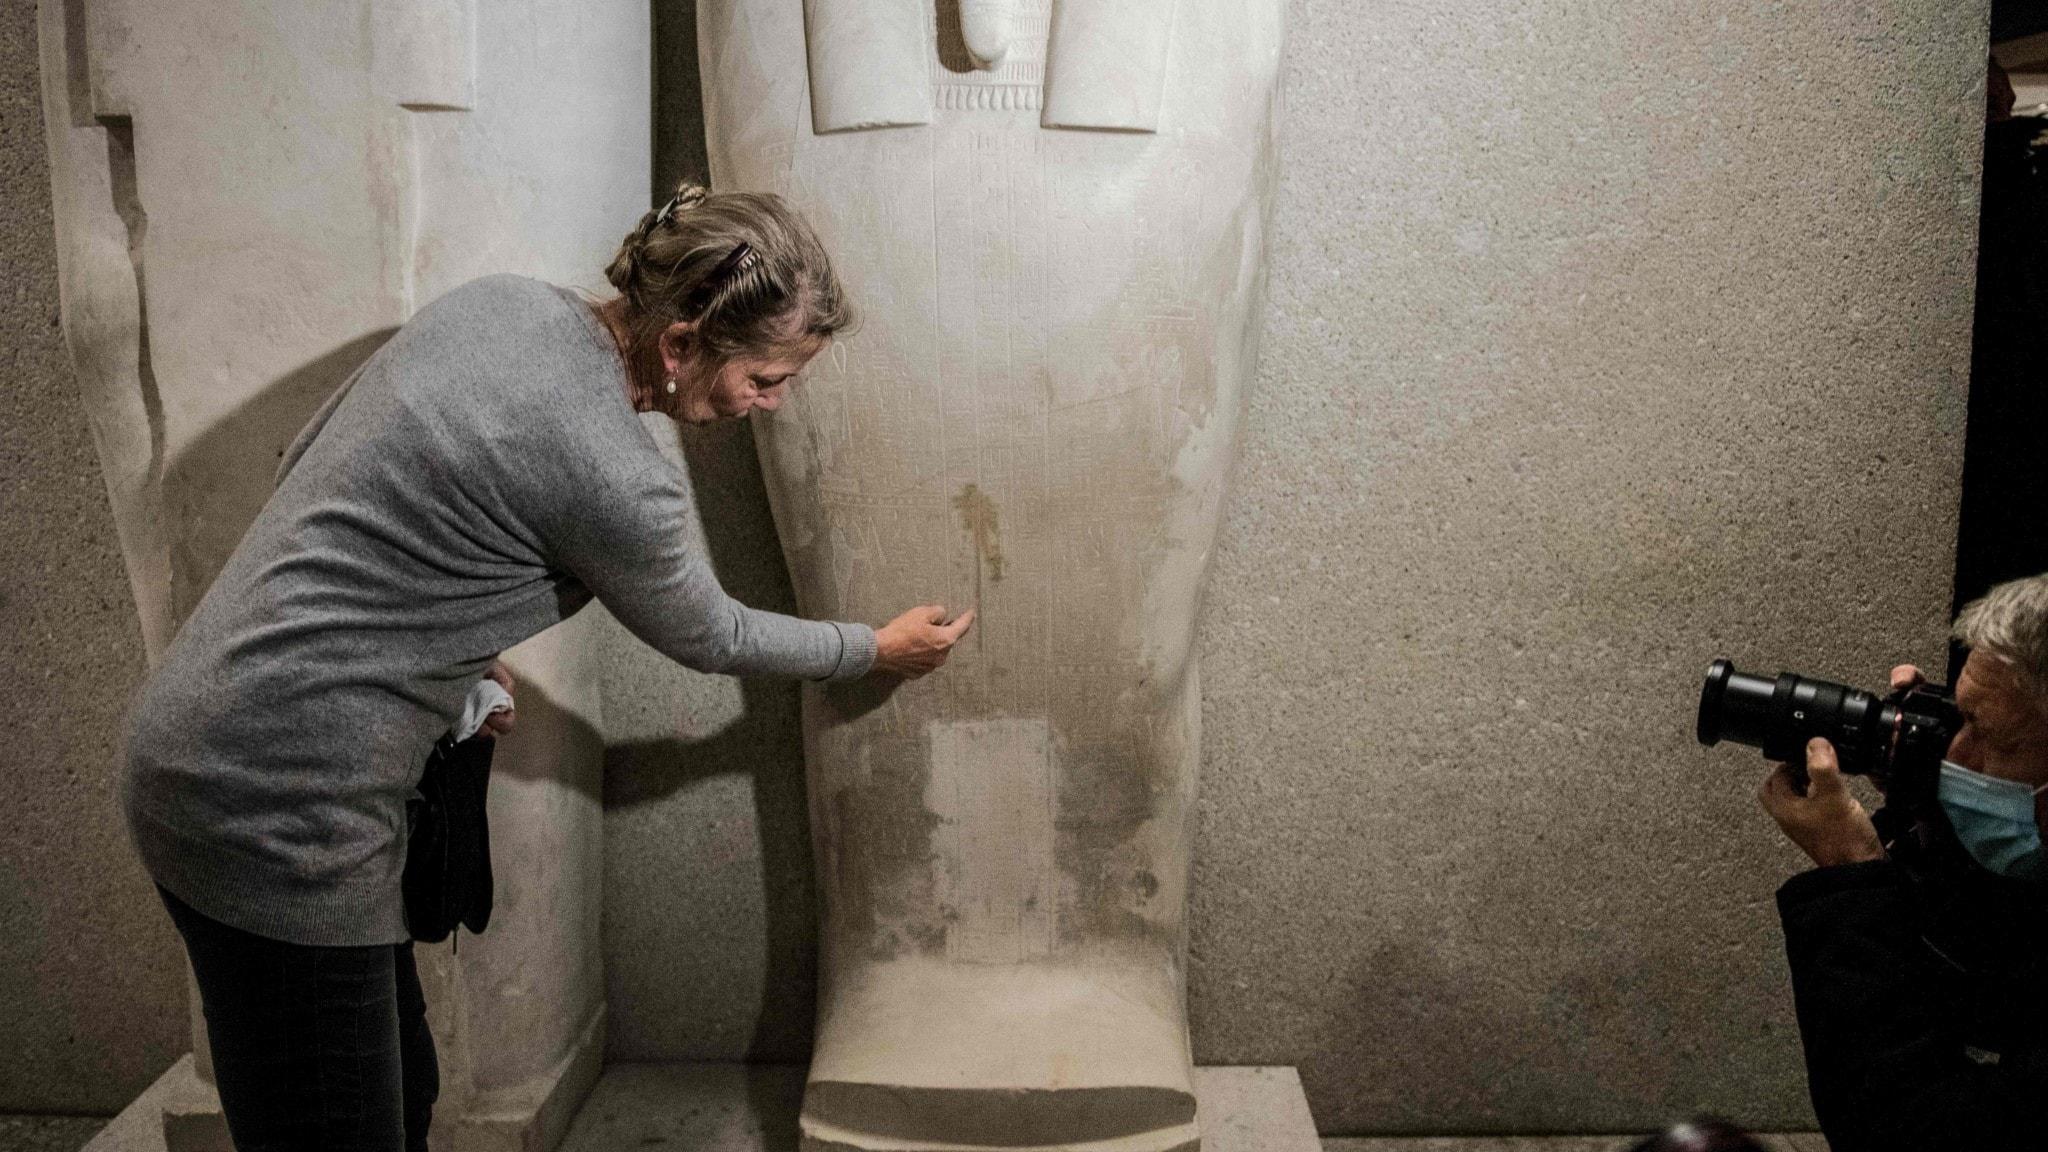 Kvinna pekar ut skador orsakade av en oljig vätska på en stensarkofag.